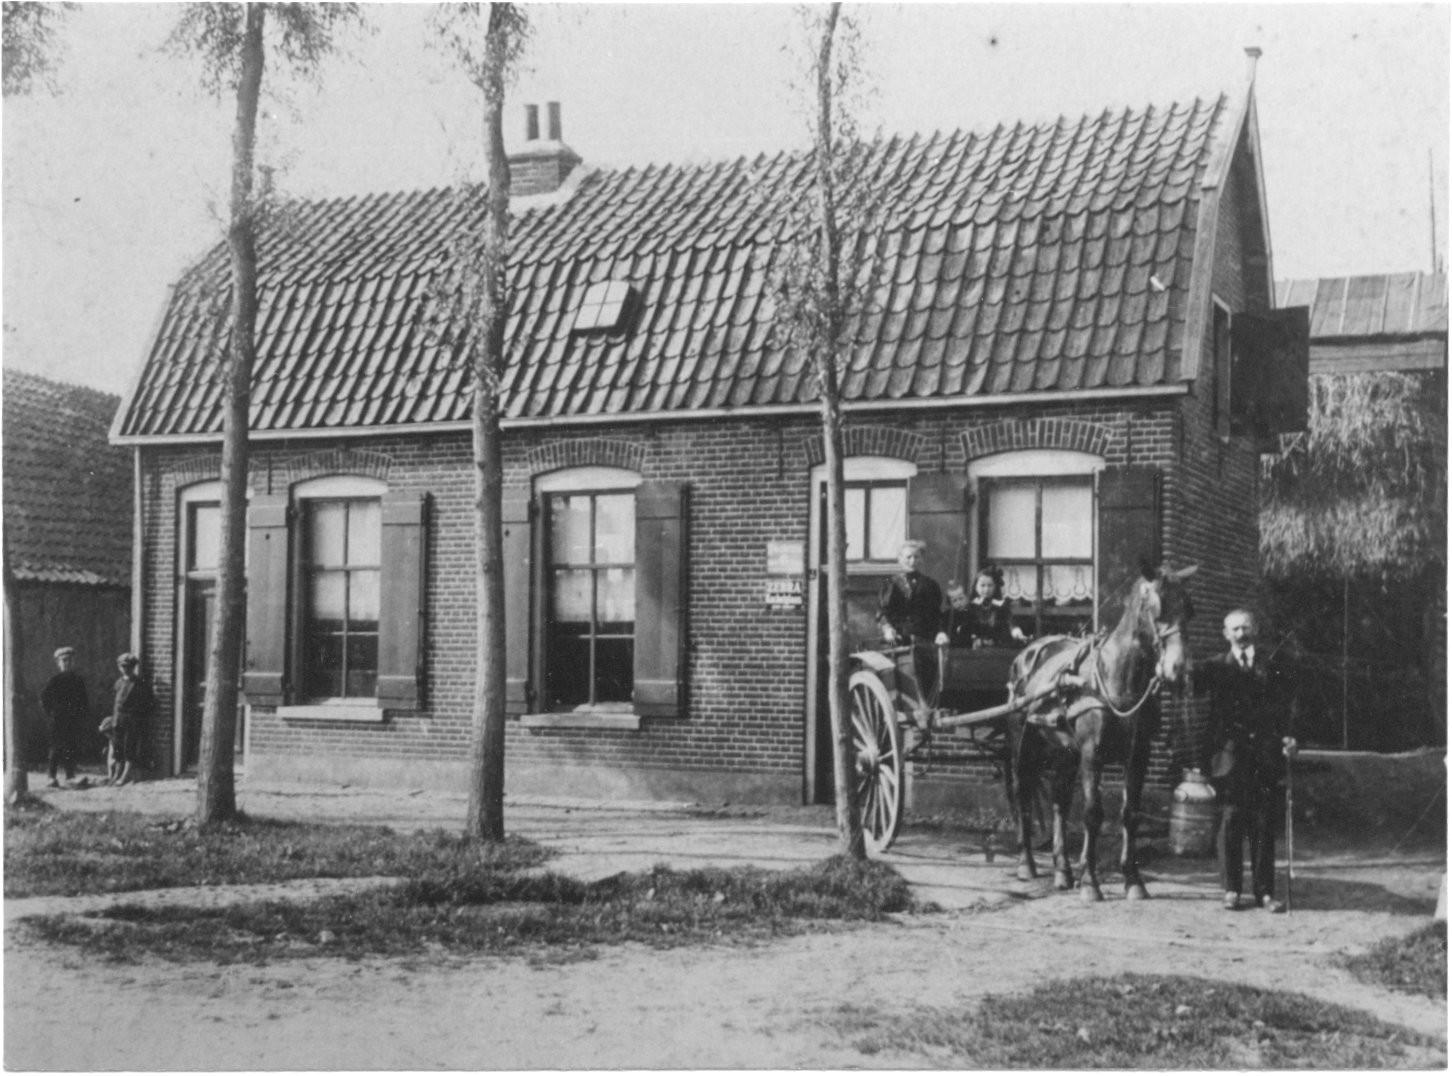 Familie Boom voor hun huis aan de Marktstraat, waar nu De Kromme Hoek is. Achter het huis was een winkeltje. Op de wagen: Mevrouw Boom met de kinderen Mina en Jan. Vader Jan Boom staat  naast het paard.